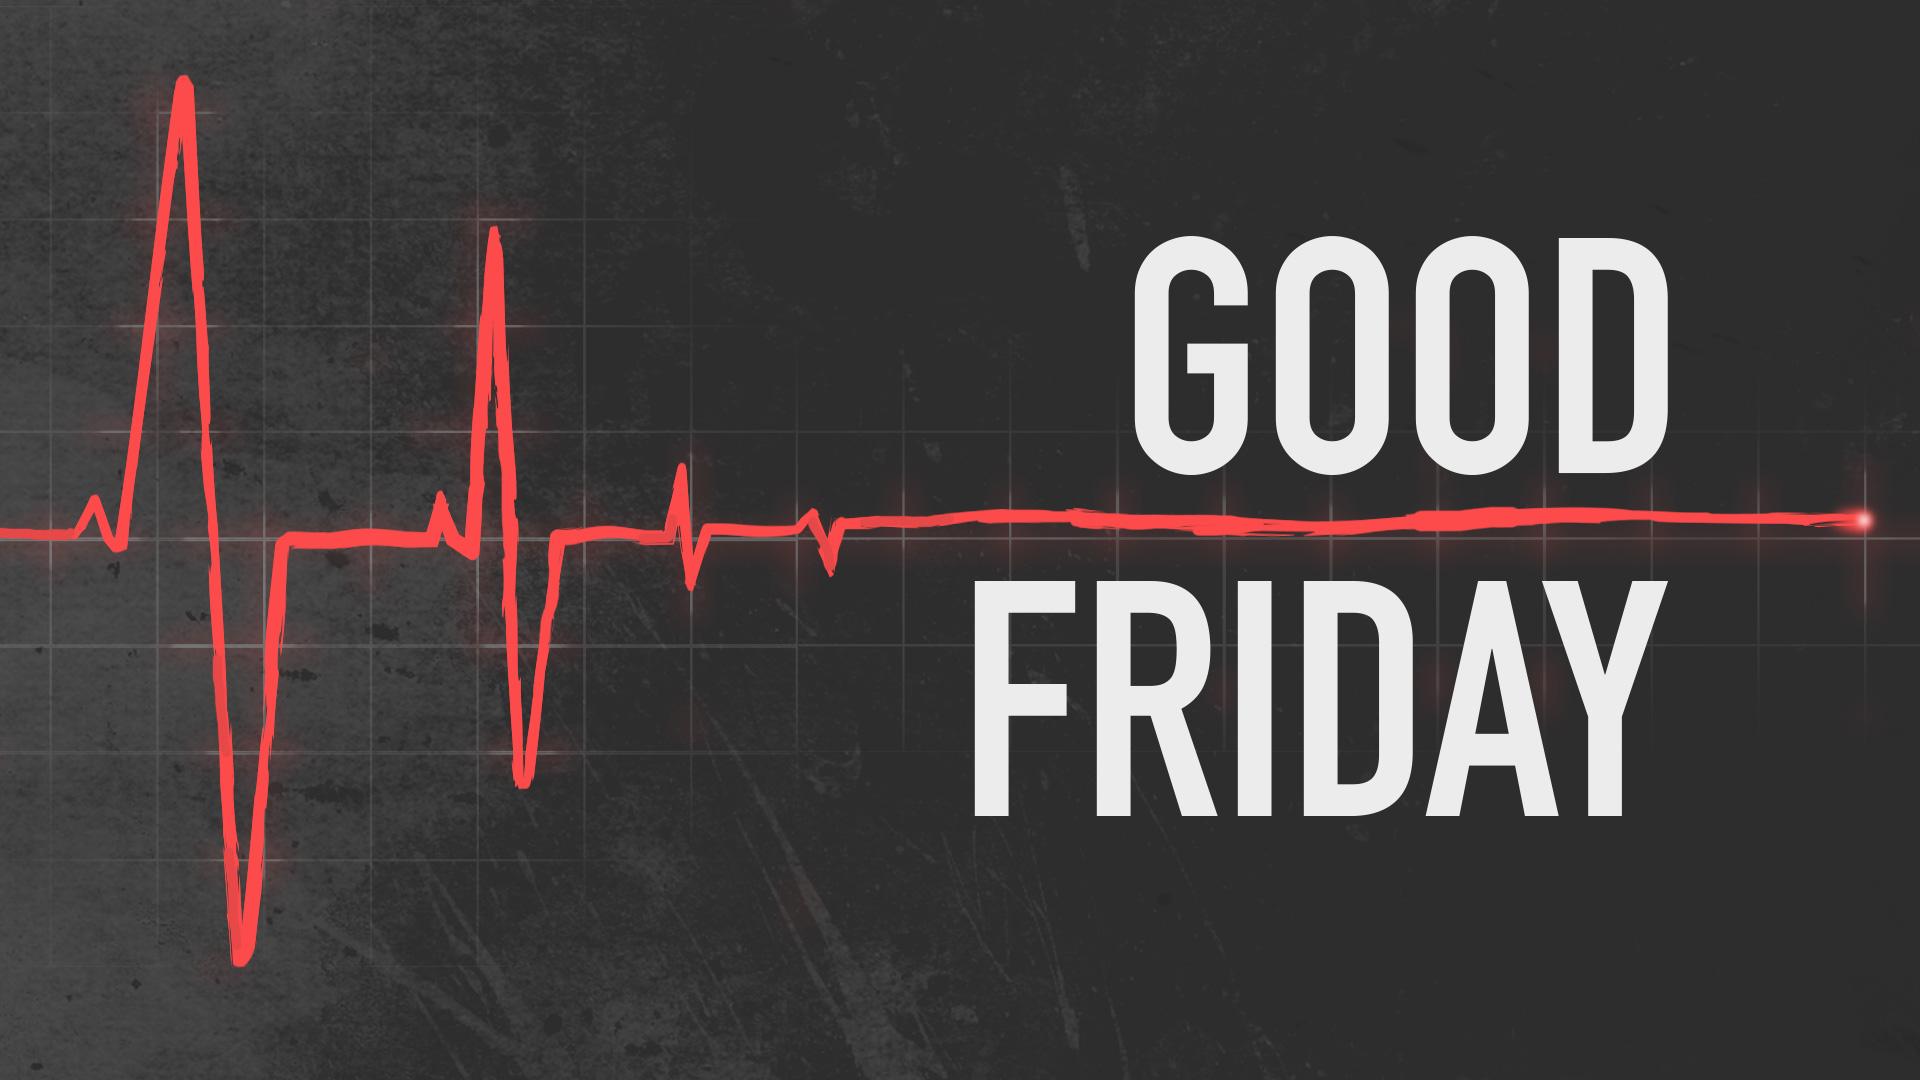 Heartbeat_GoodFriday.jpg